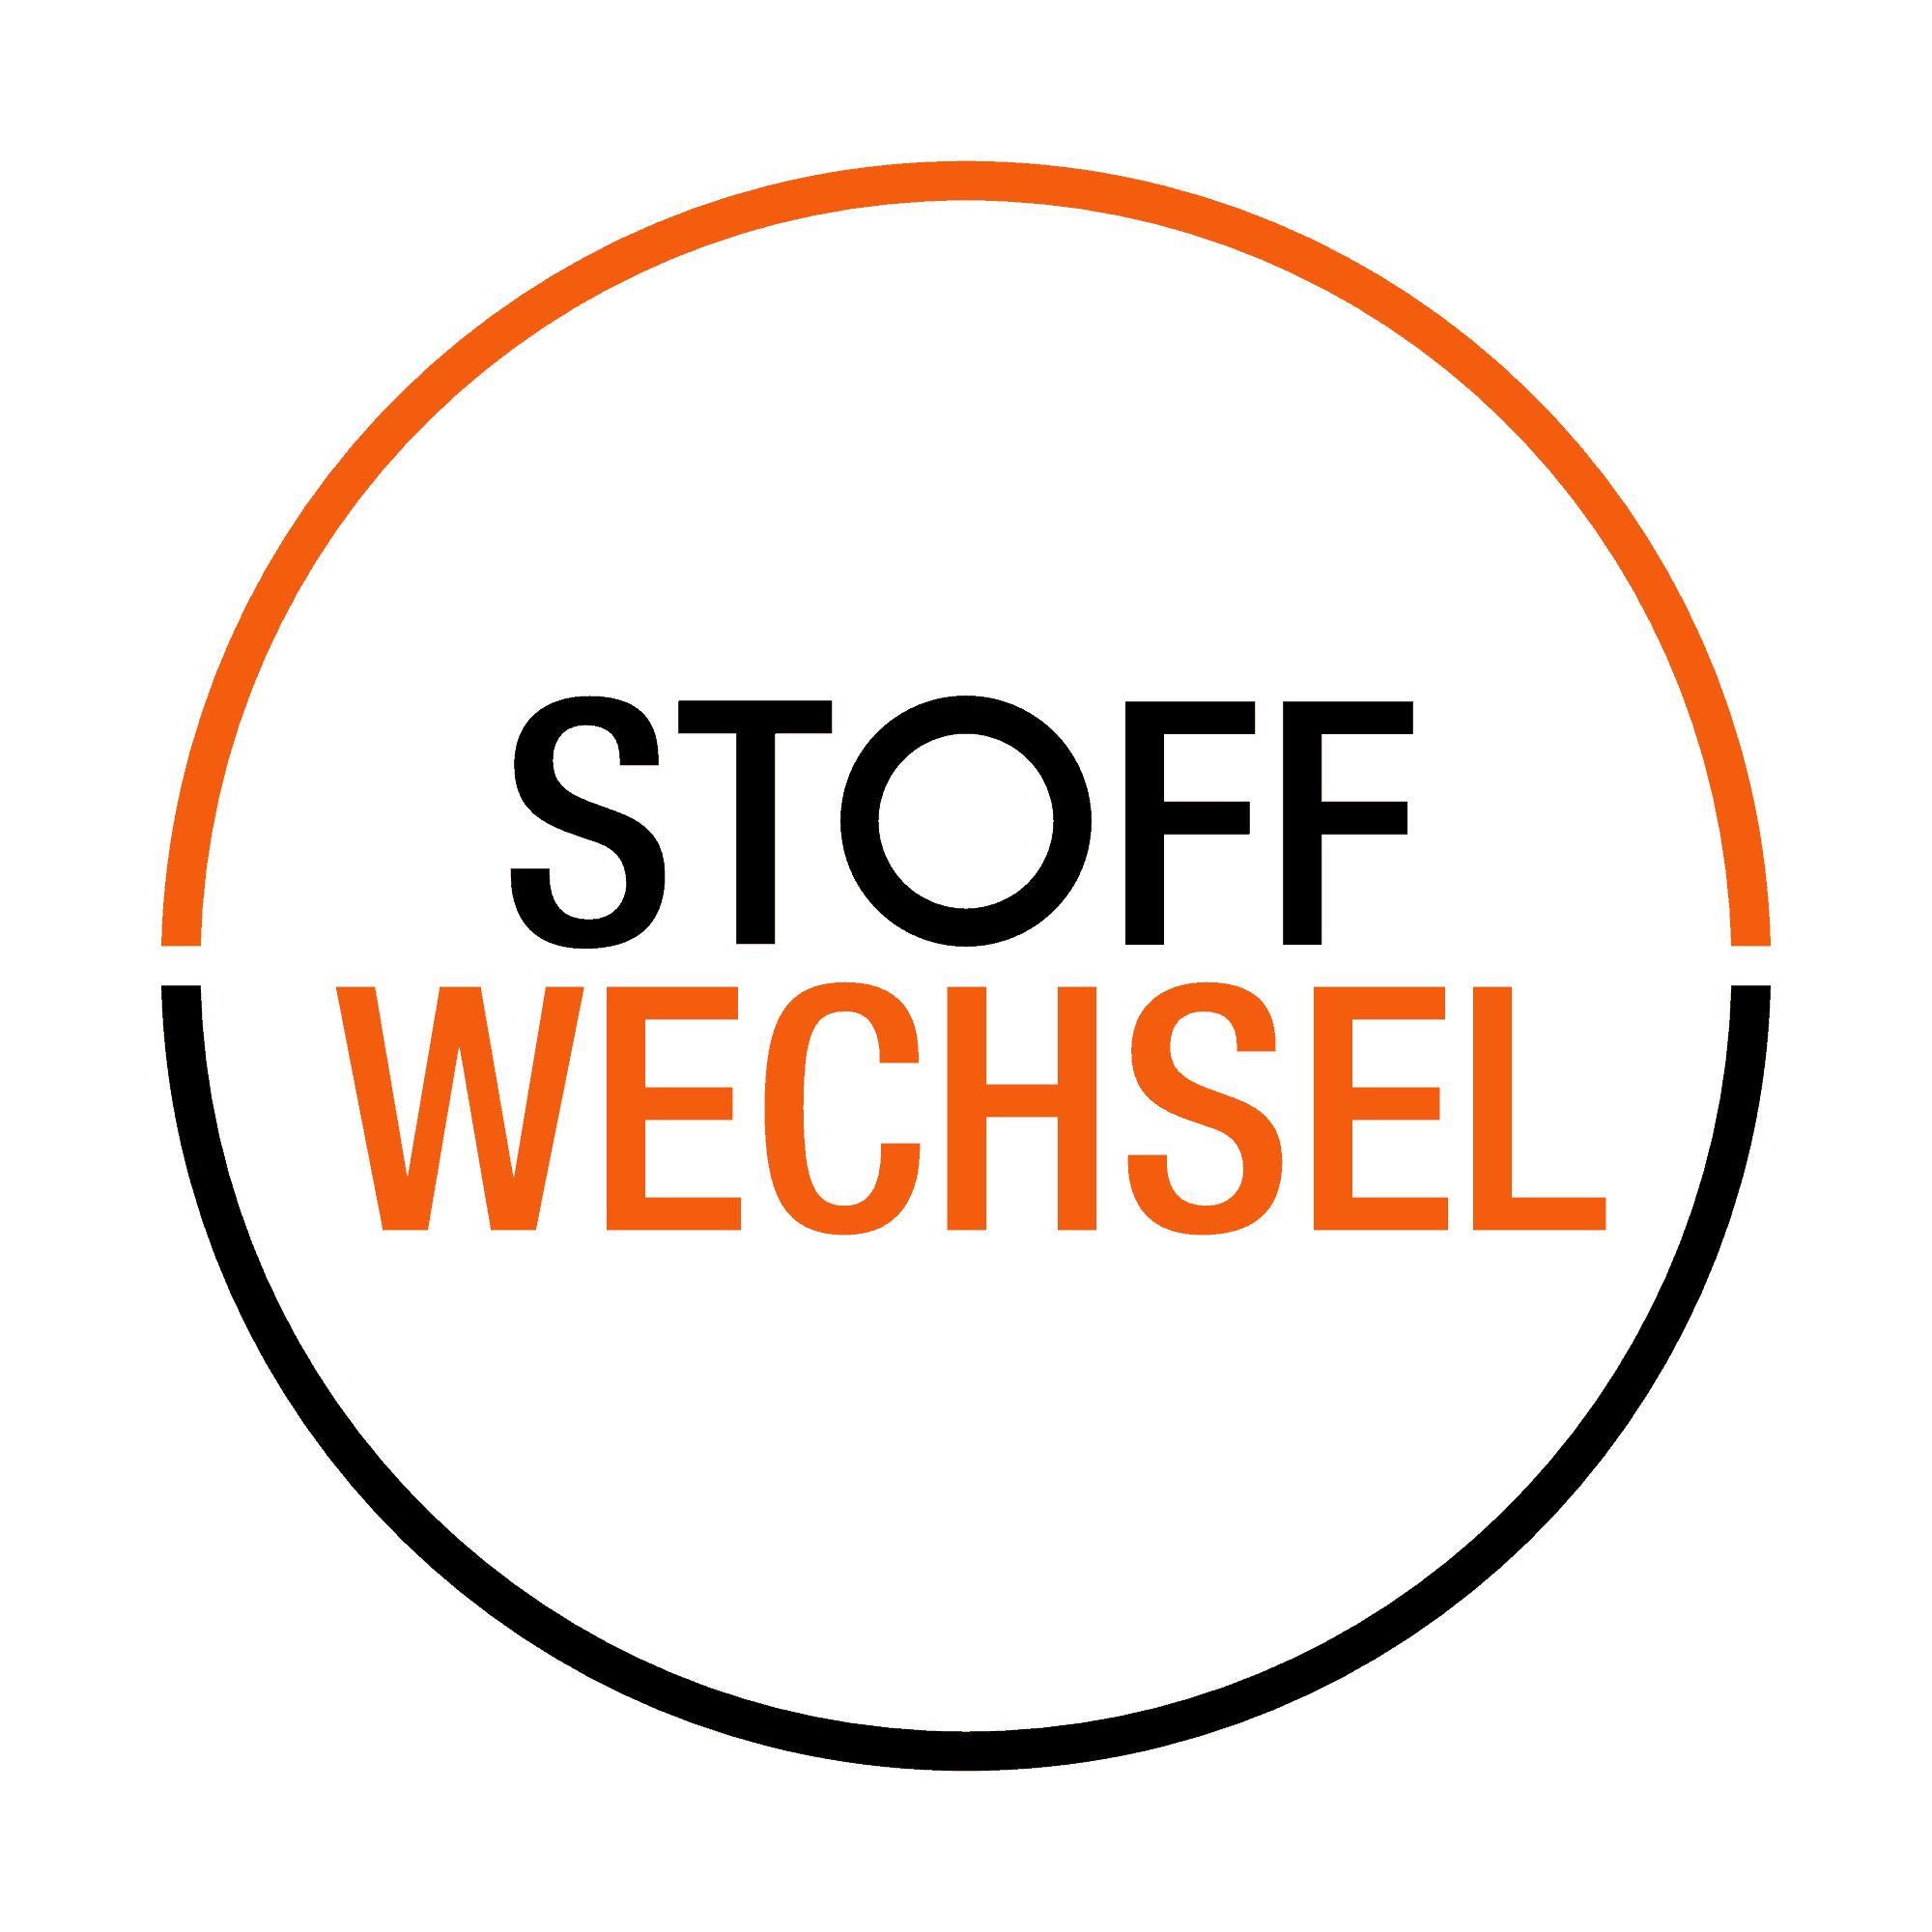 STOFFWECHSEL